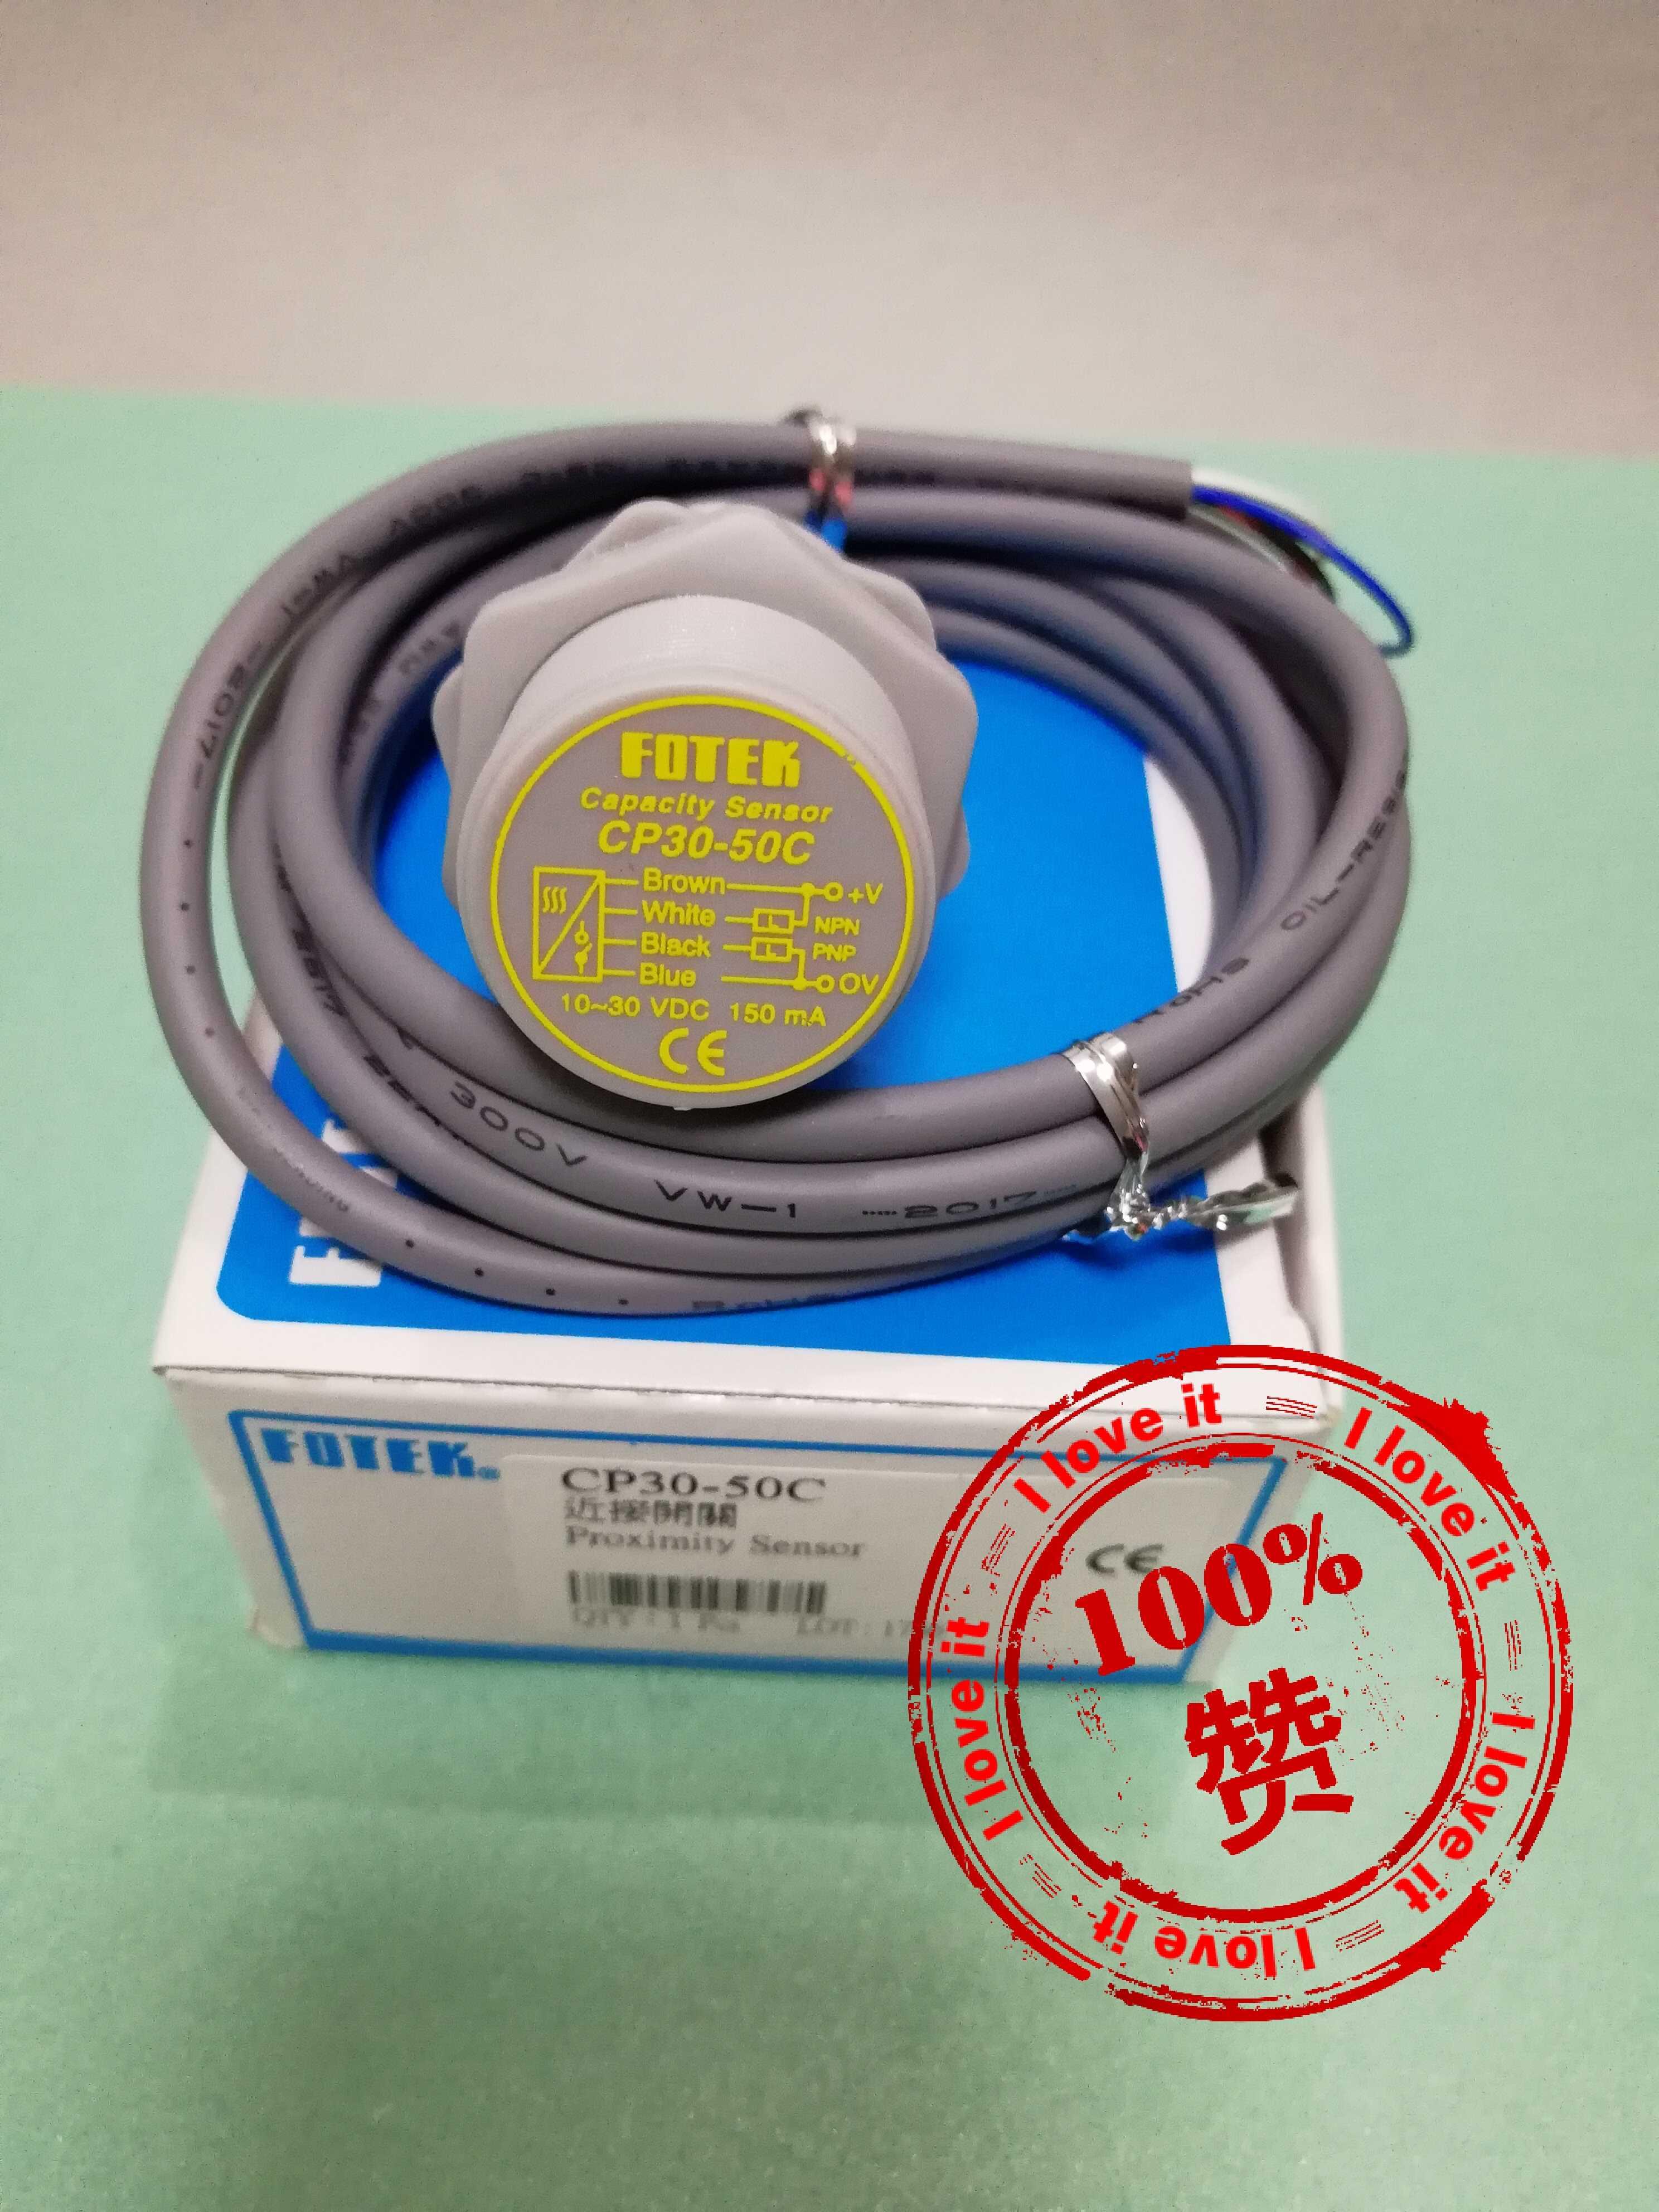 Nouveau capteur de proximité cp30-50c CP30-50C importé d'origine